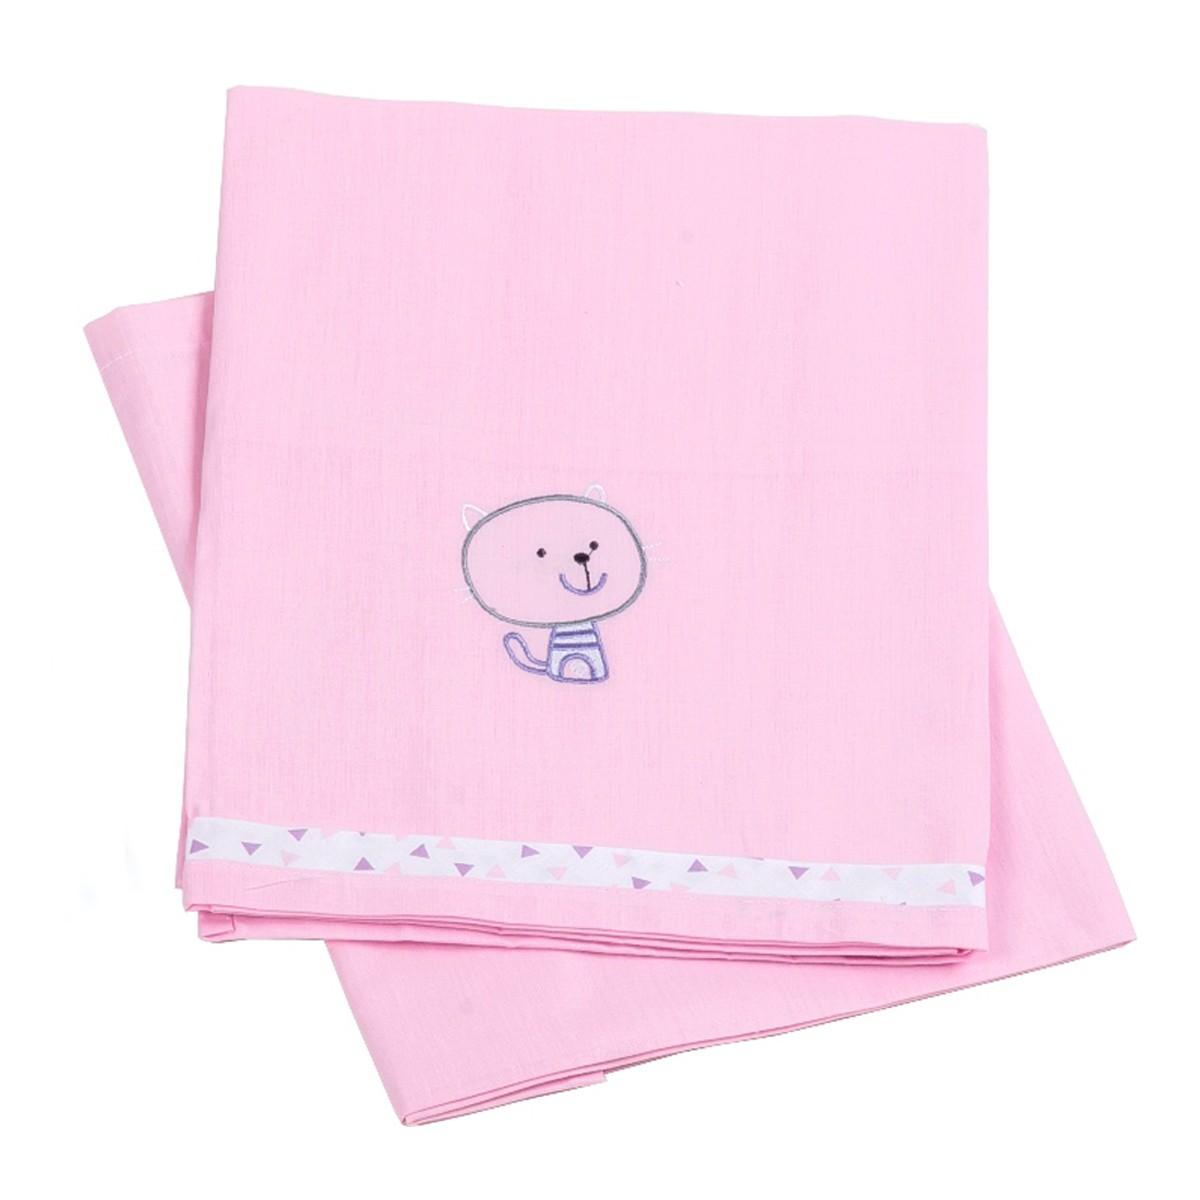 Σεντόνια Λίκνου (Σετ) Κόσμος Του Μωρού Home 0230 Ροζ